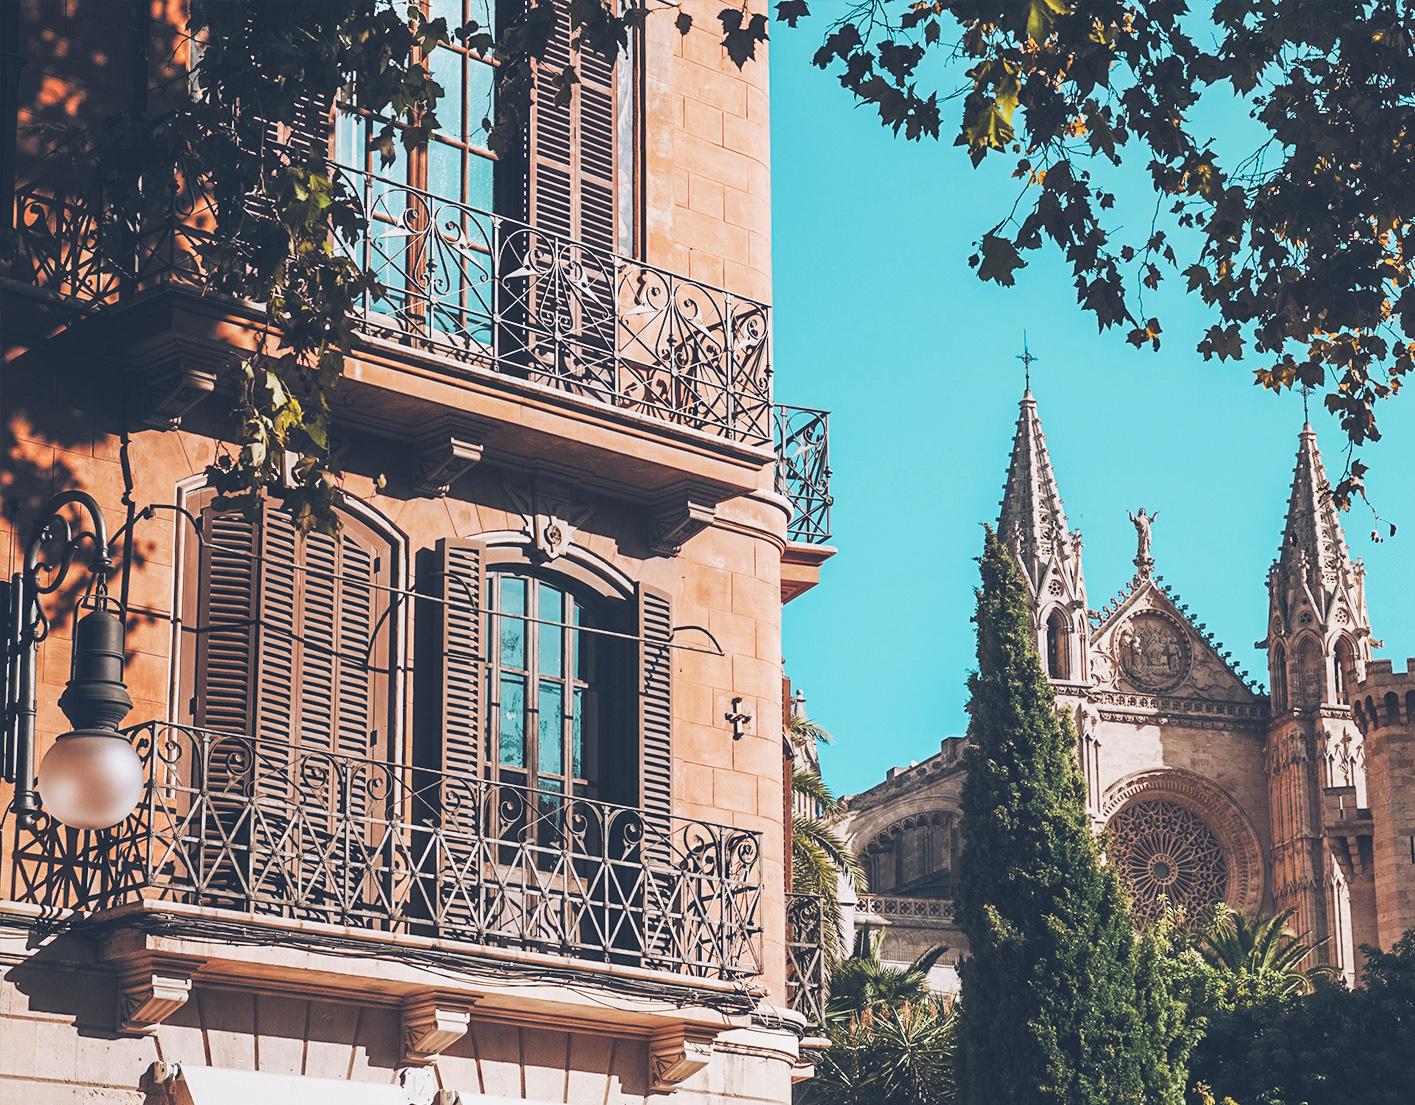 Alerta, Resolución de la Dirección General del Registro y Notarial de 24 de mayo de 2019 que deniega la inscripción del Pacto Sucesorio Balear entre ciudadanos europeos con residencia habitual en Baleares